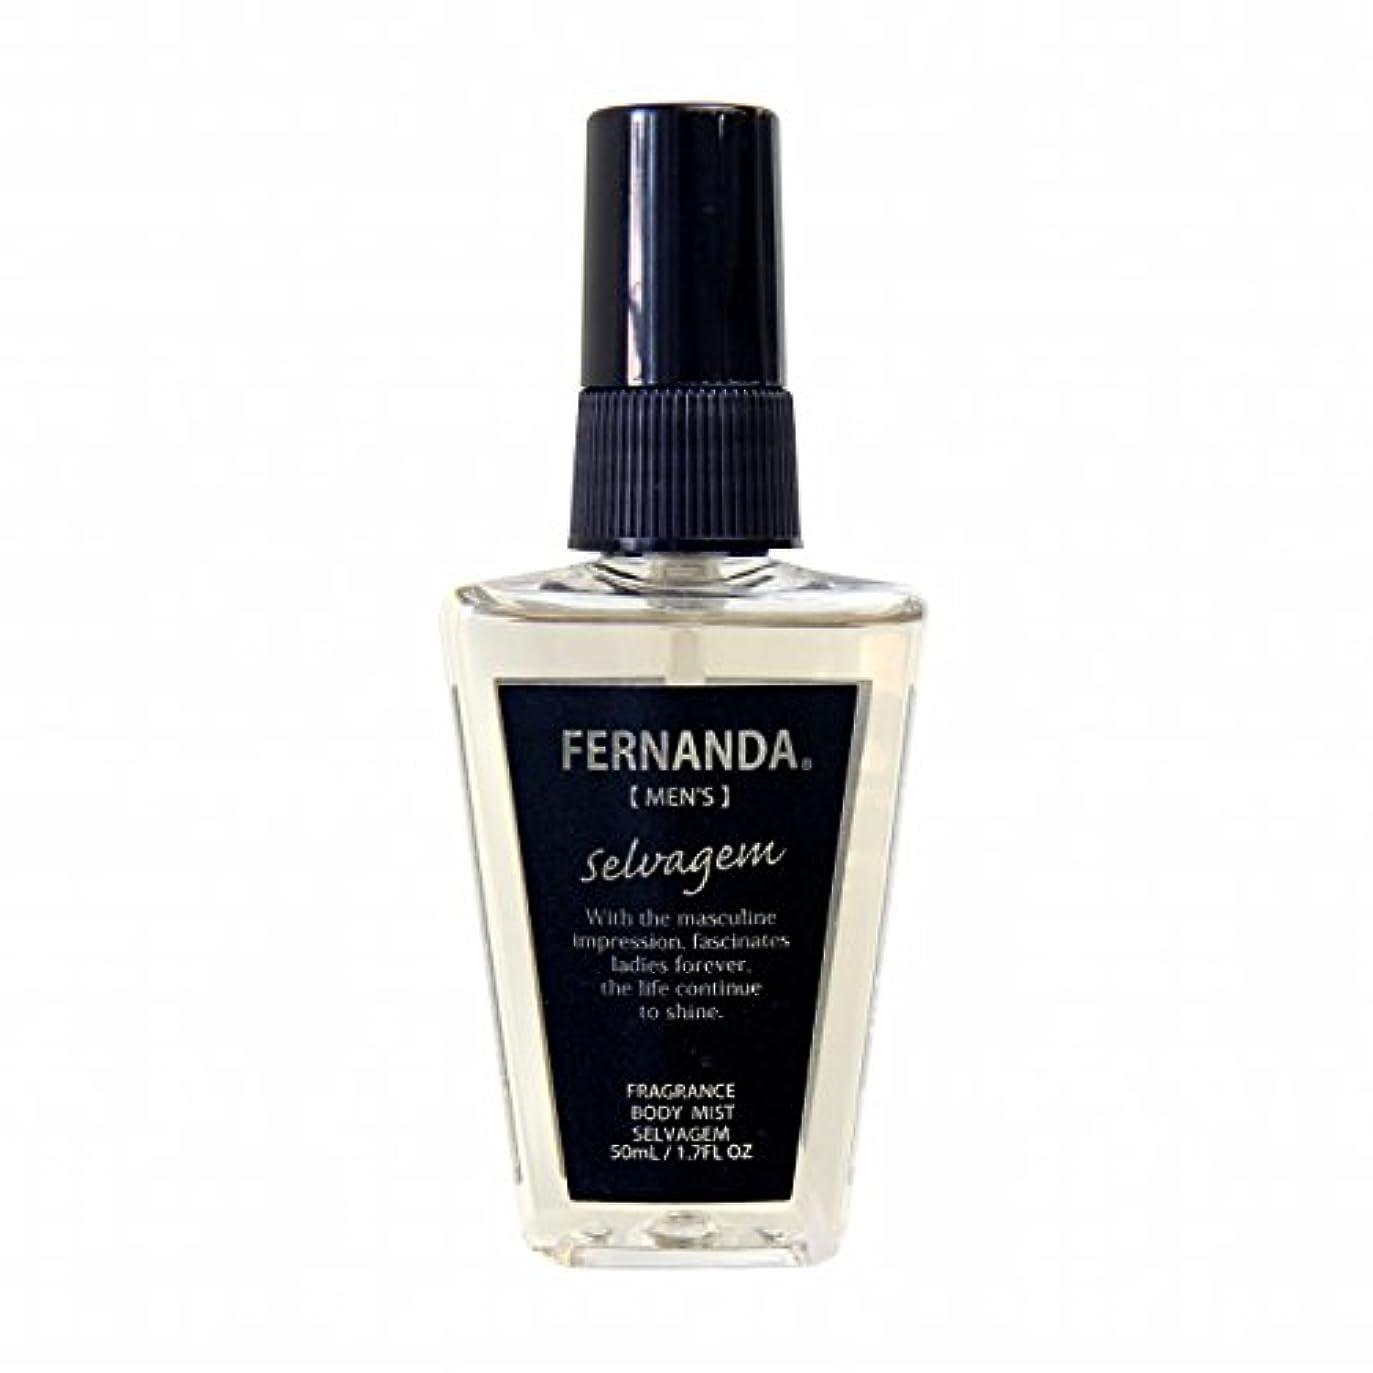 散歩に行く式観客FERNANDA(フェルナンダ) Body Mist For MEN Selvagem (ボディミスト フォーメン セルヴァジェン)